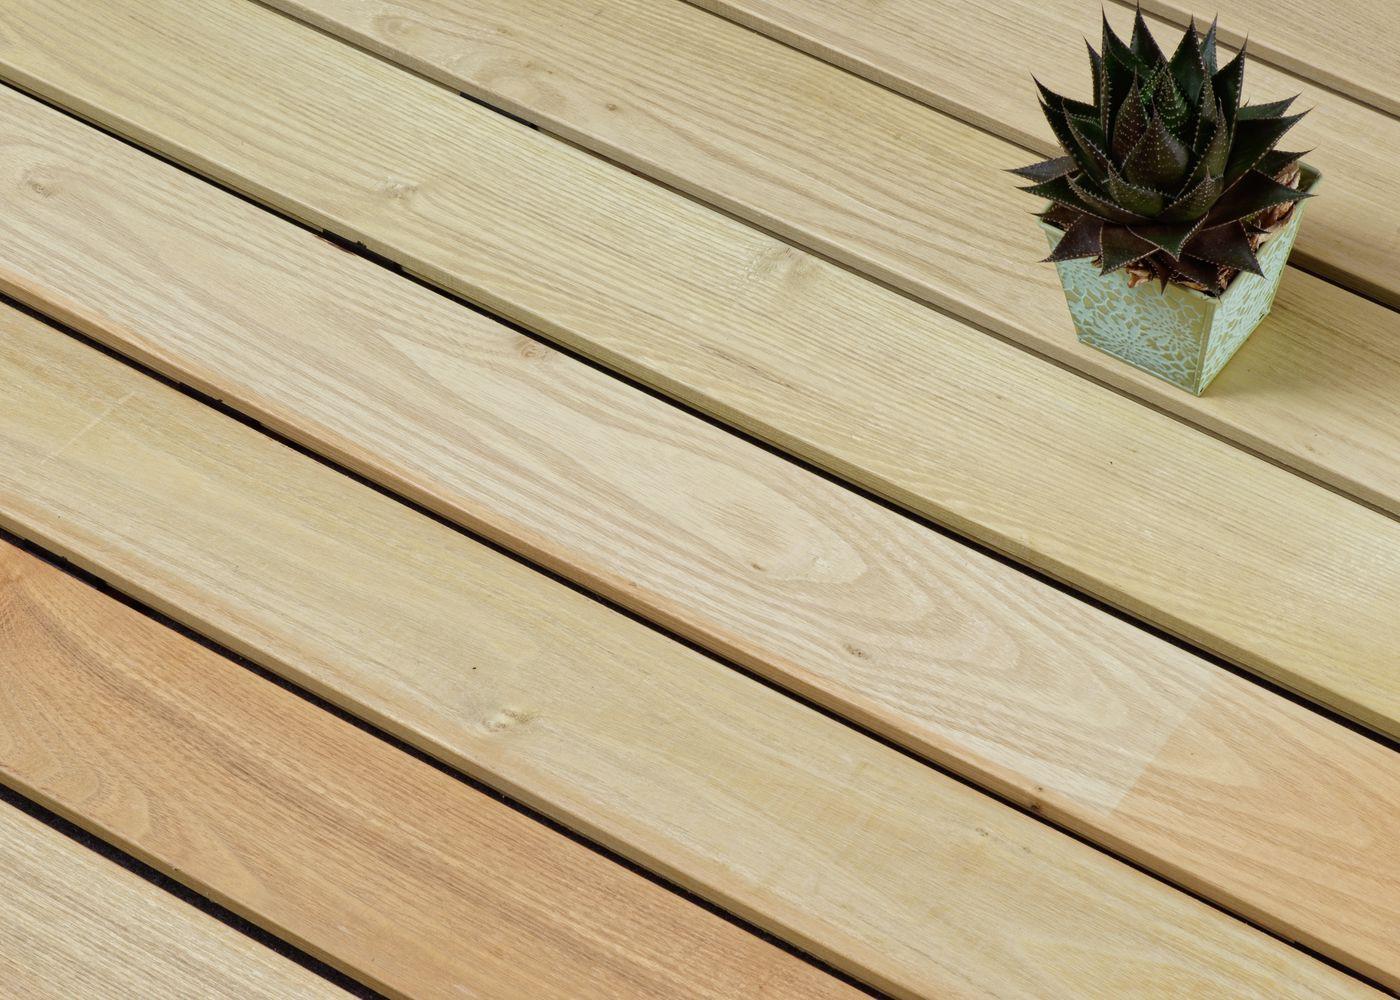 Acacia choix courant rives arrondies fixation invisible - profil b-fixe - 1 face profil lisse ou 1 face profil Bombé à preciser à la commande - (longueurs panachées : 1200-1600-2000-2400mm) coupe droite en bout - PEFC 22x110x1200-2400